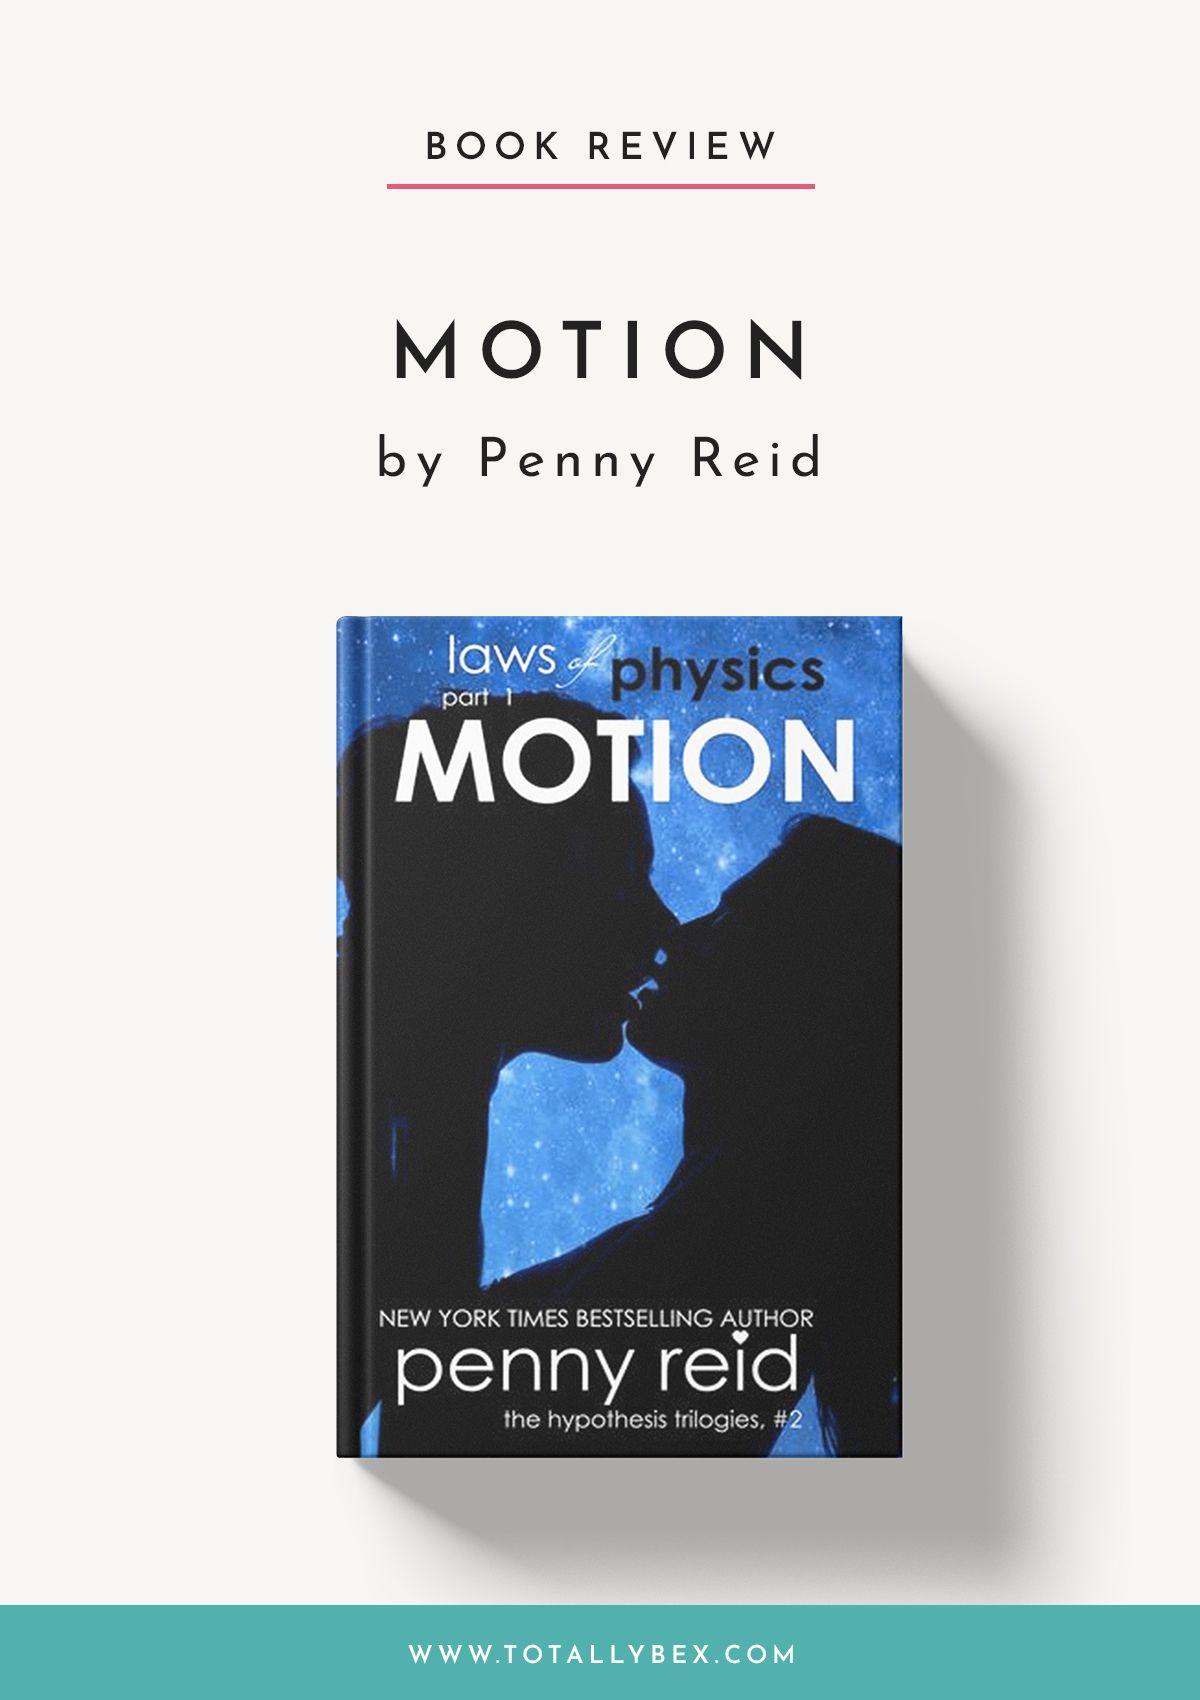 Motion By Penny Reid It S Smart Romance Gold Penny Reid Contemporary Romance Books Apple Books